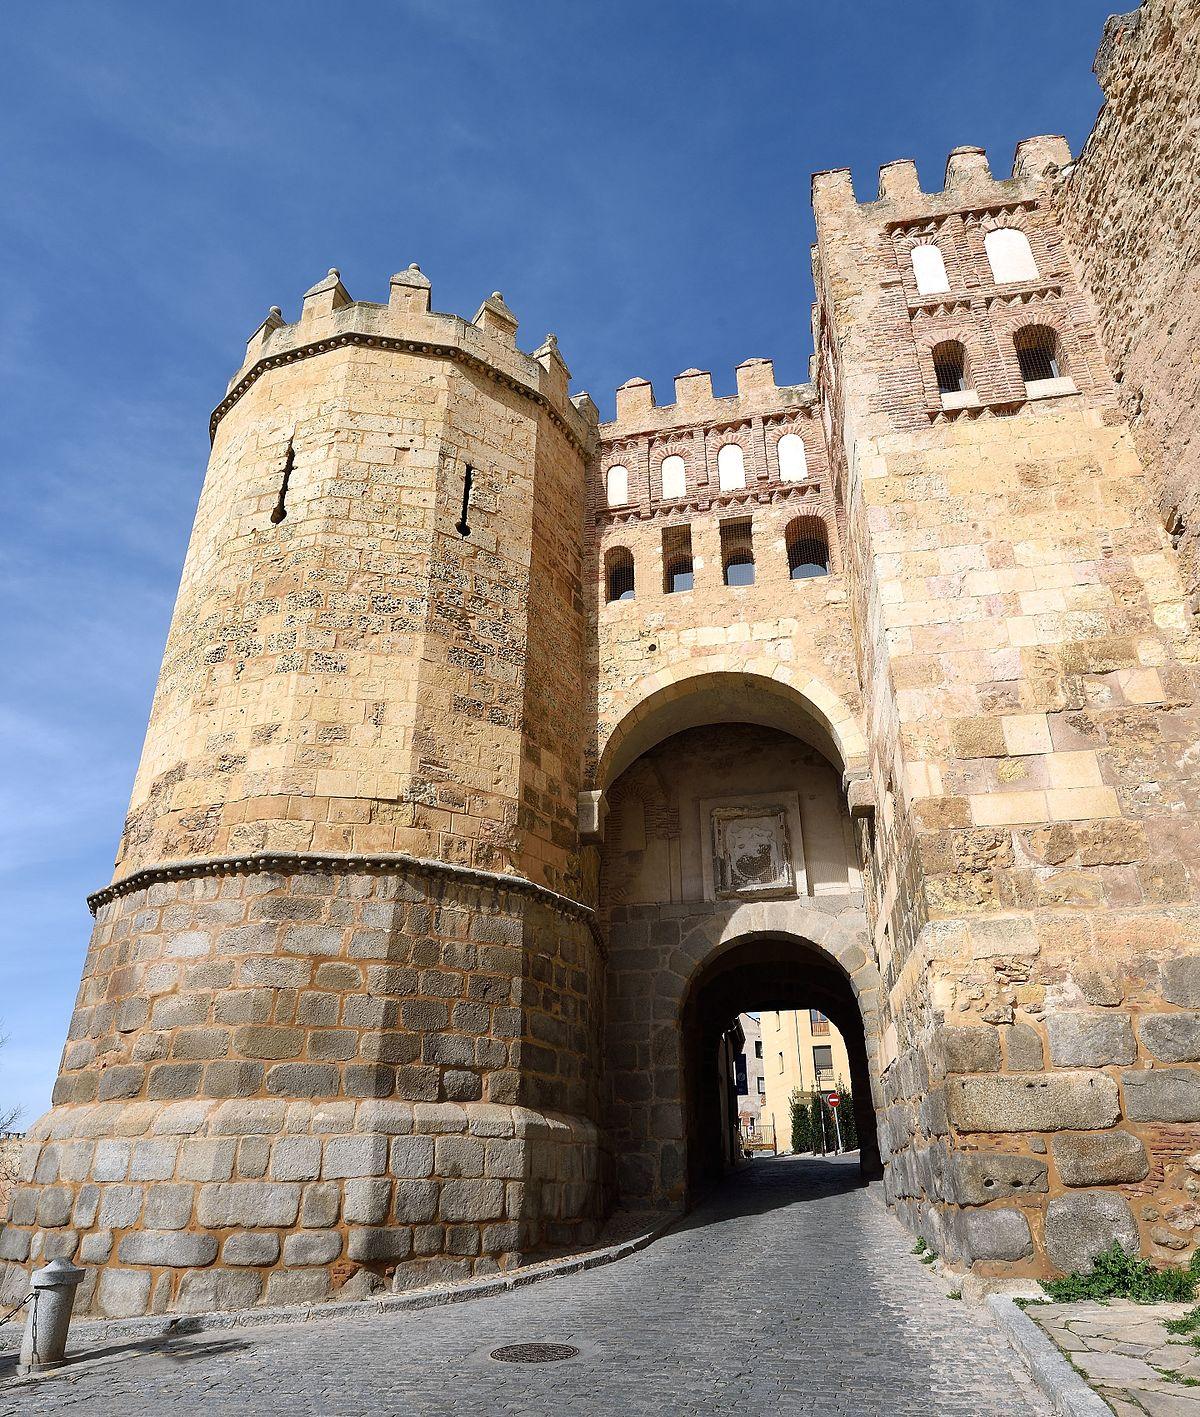 Puerta de san andr s wikipedia la enciclopedia libre for Puerta 3 de san marcos